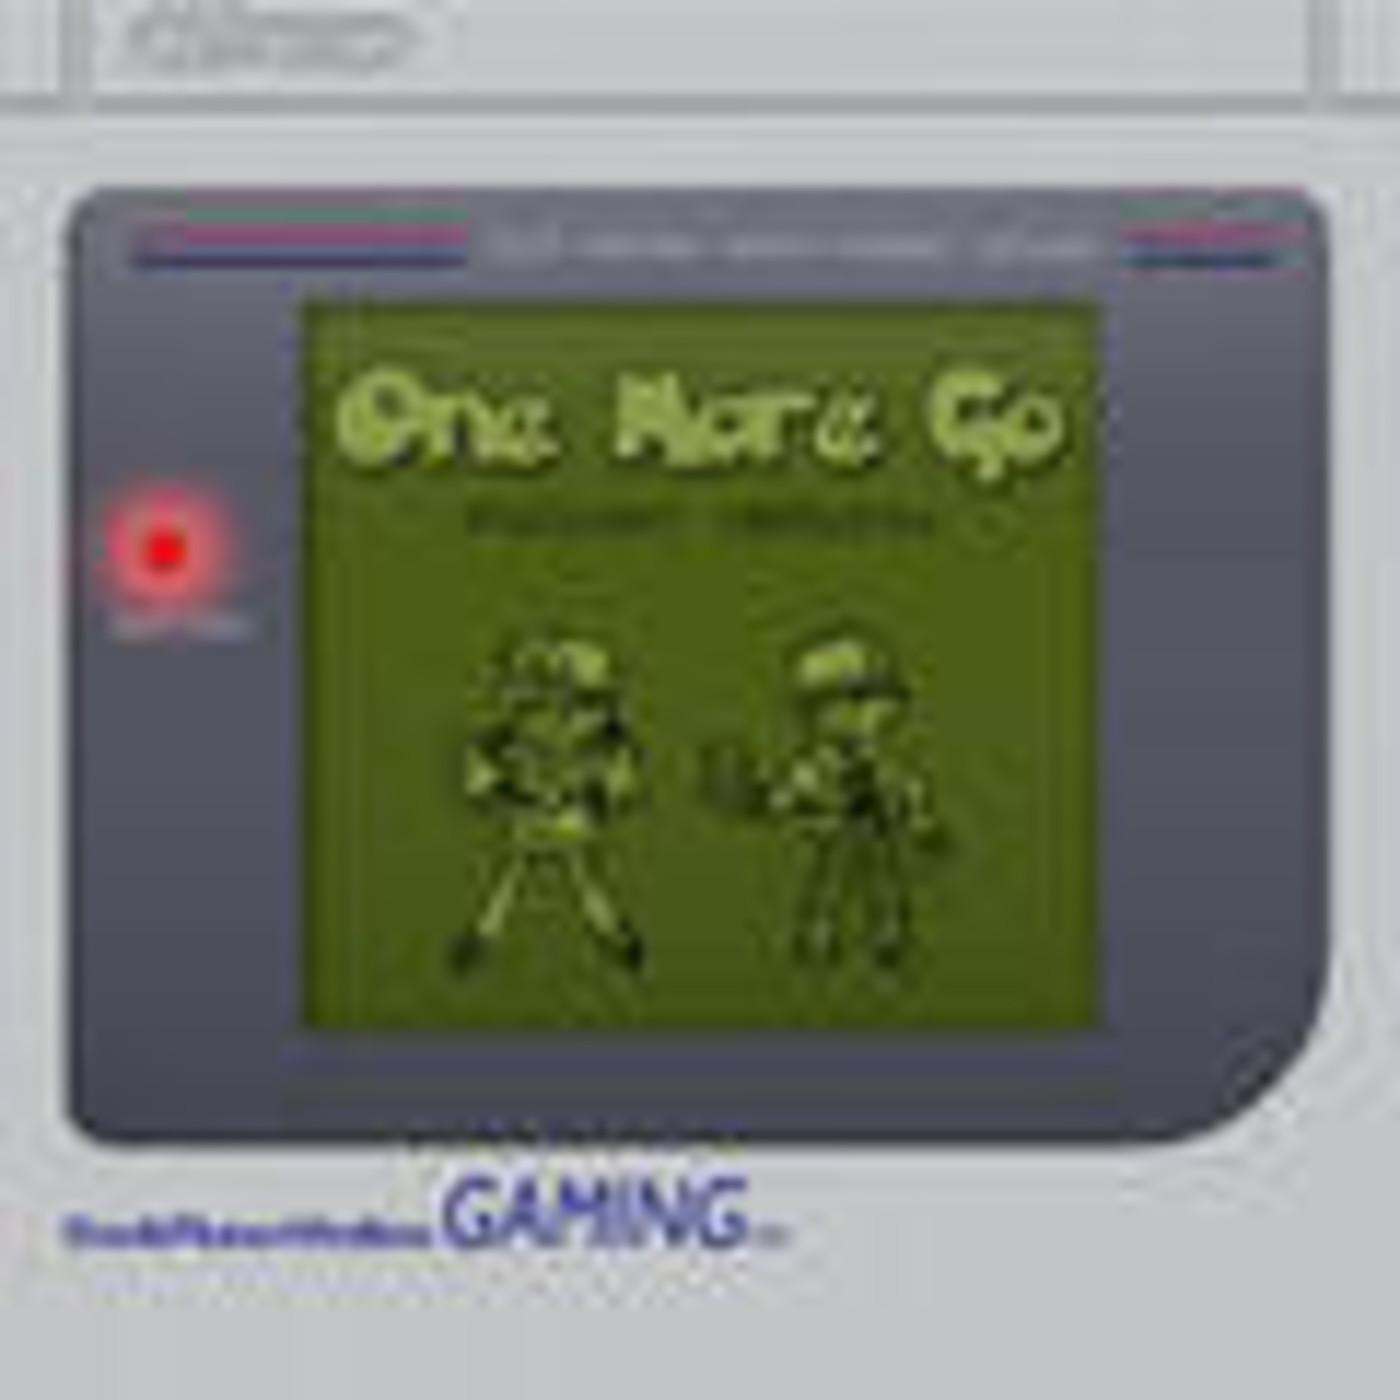 GeekPlanetOnline.com